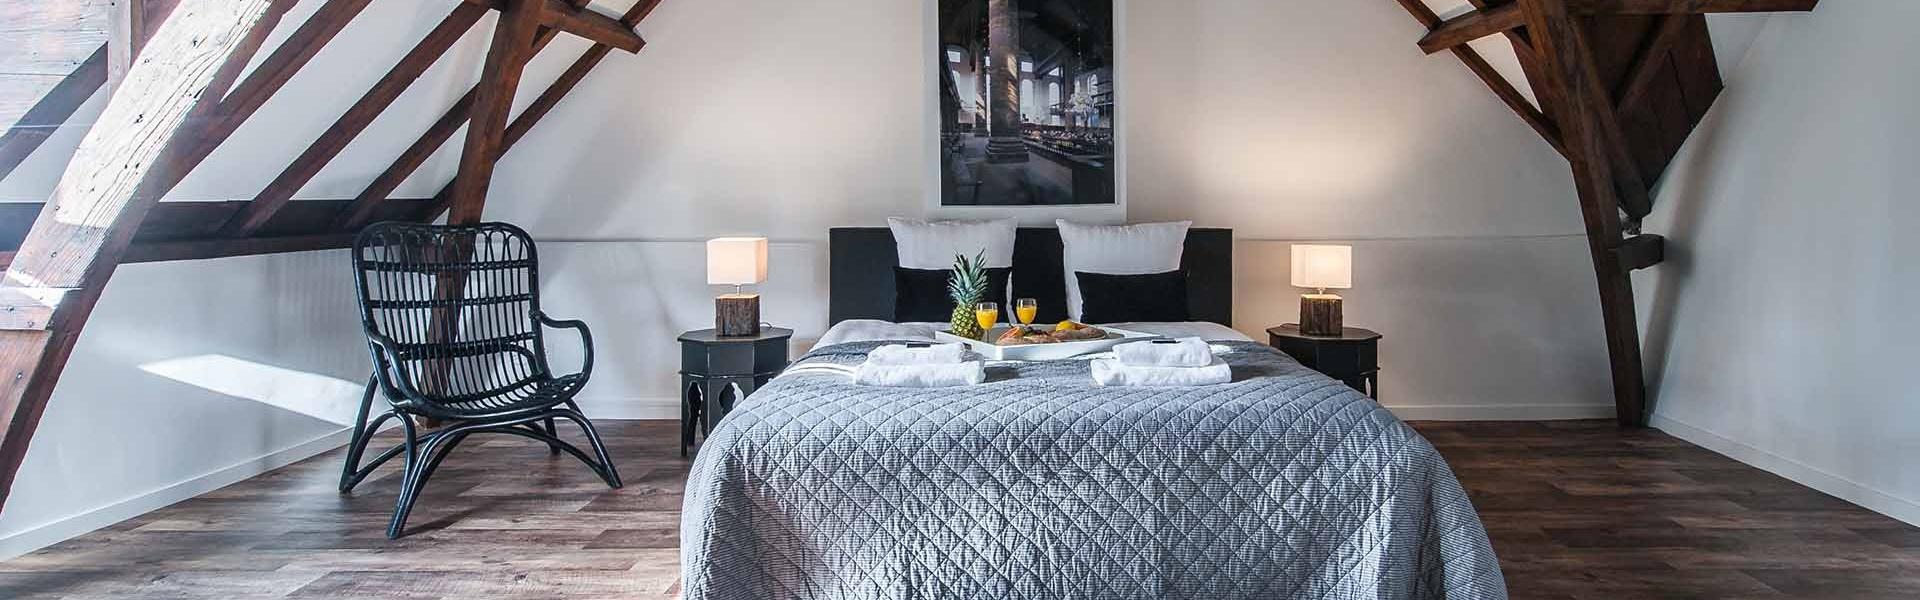 tijdelijke verhuur Airbnb | House Sit | Airbnb Manager het Gooi